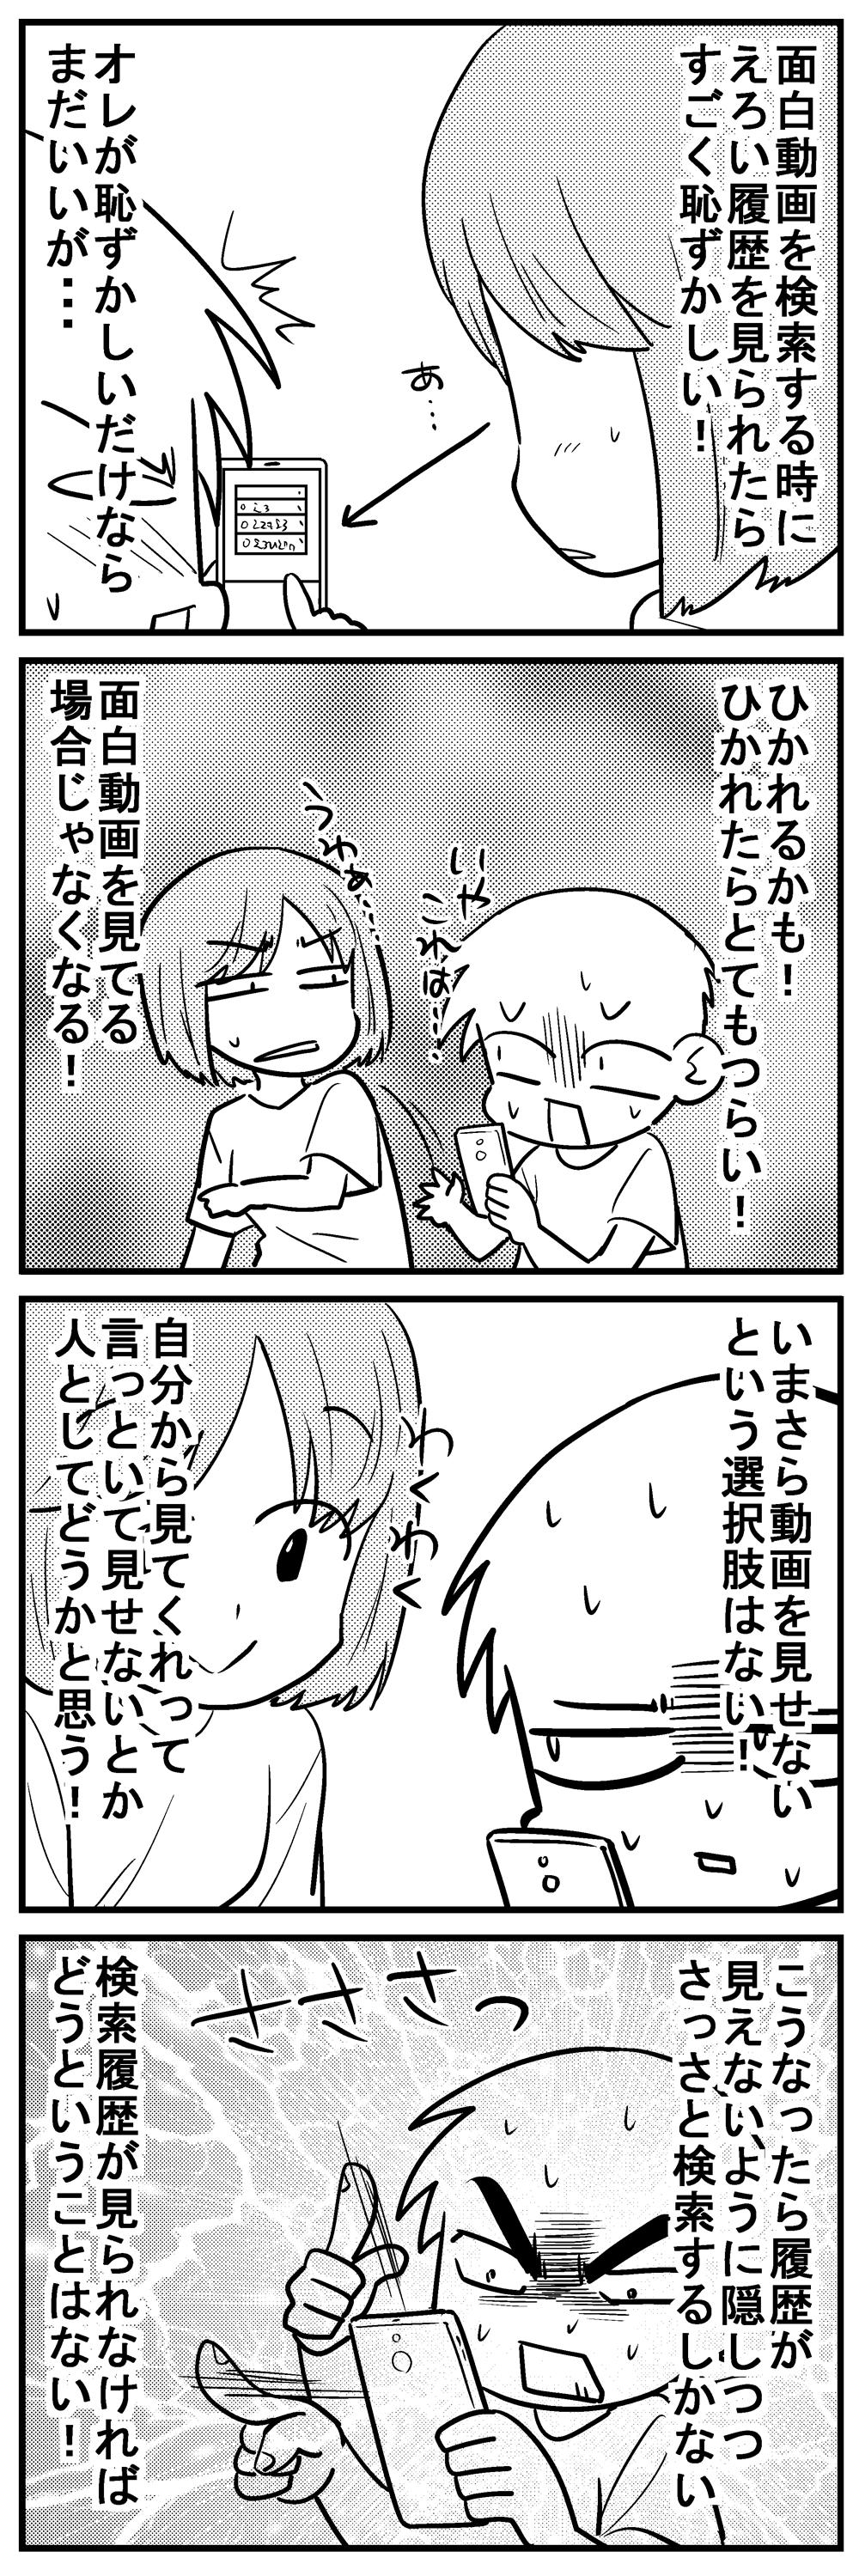 深読みくん59 3